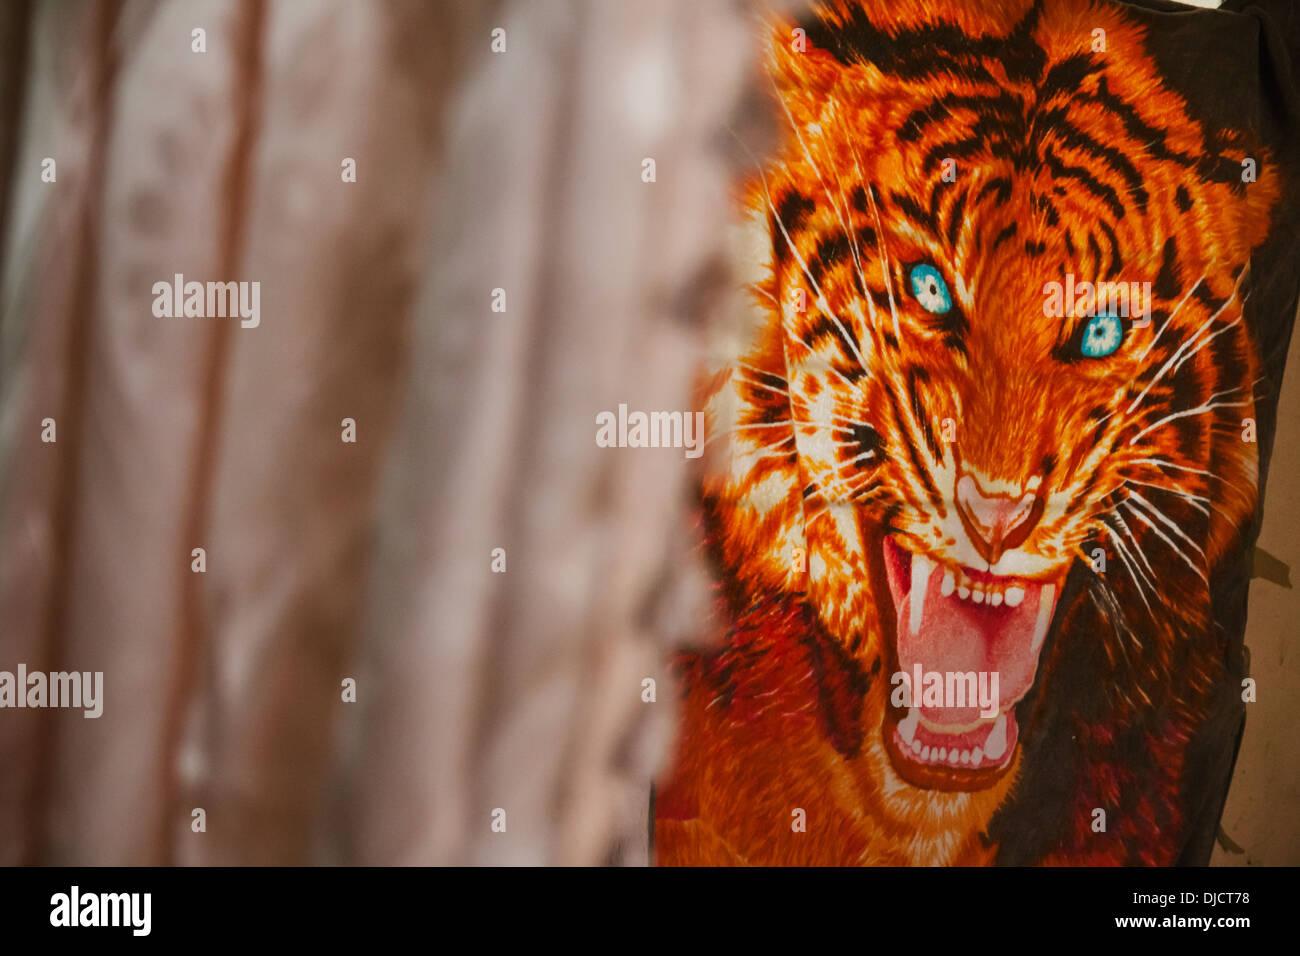 Tiger Print Stock Photos & Tiger Print Stock Images - Alamy